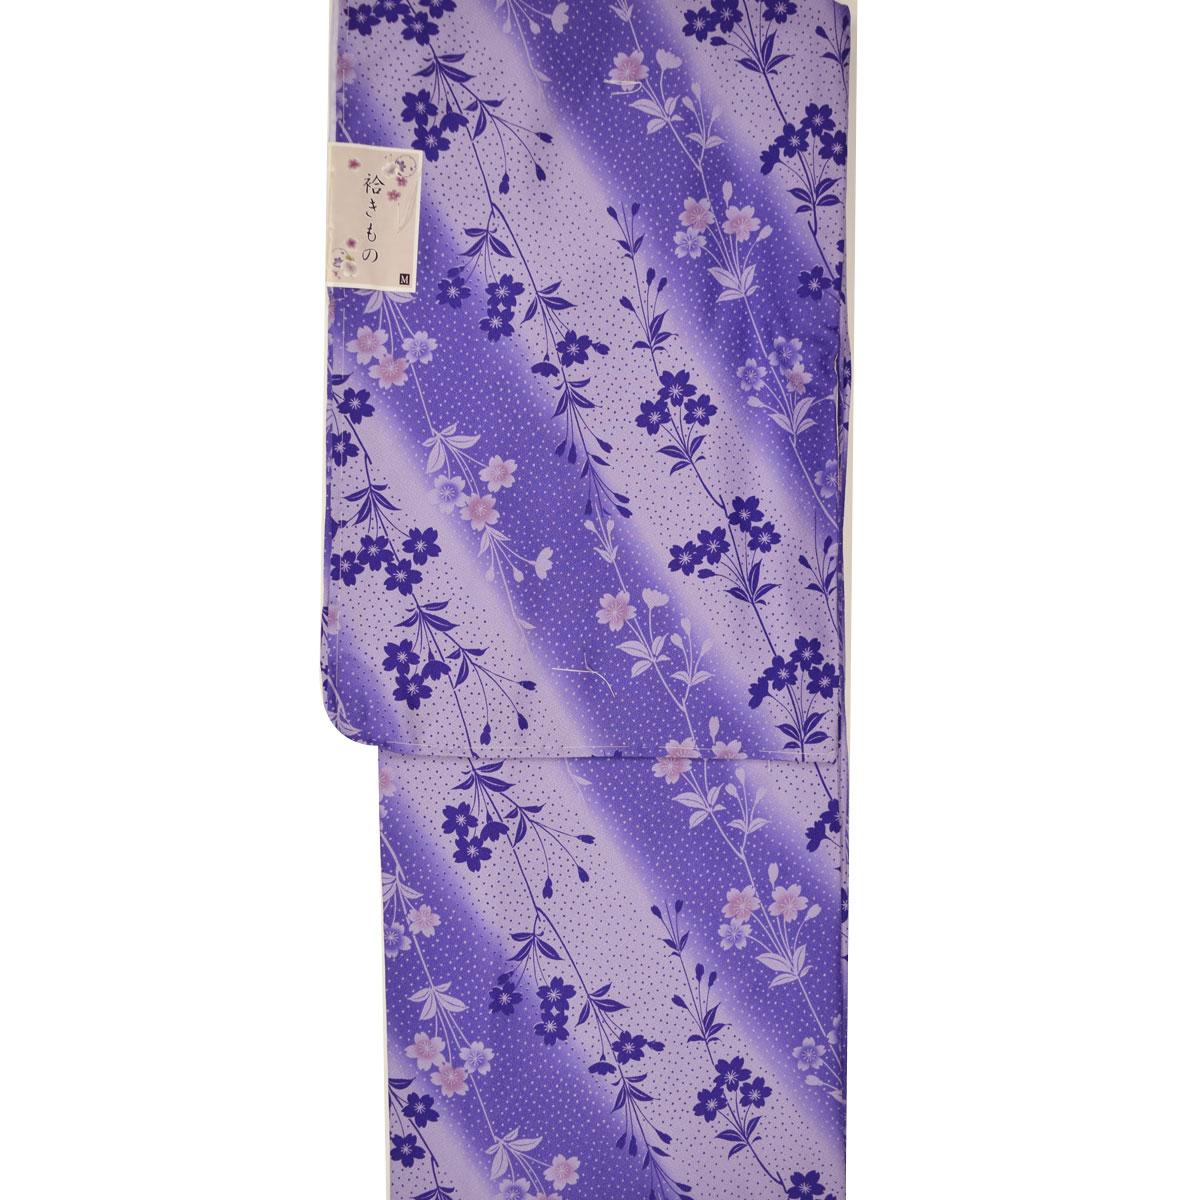 《30%オフクーポン利用可》お買い物マラソン【M寸】上質生地仕立て上がり袷洗える着物【単品】番号c902-84 kimono washable